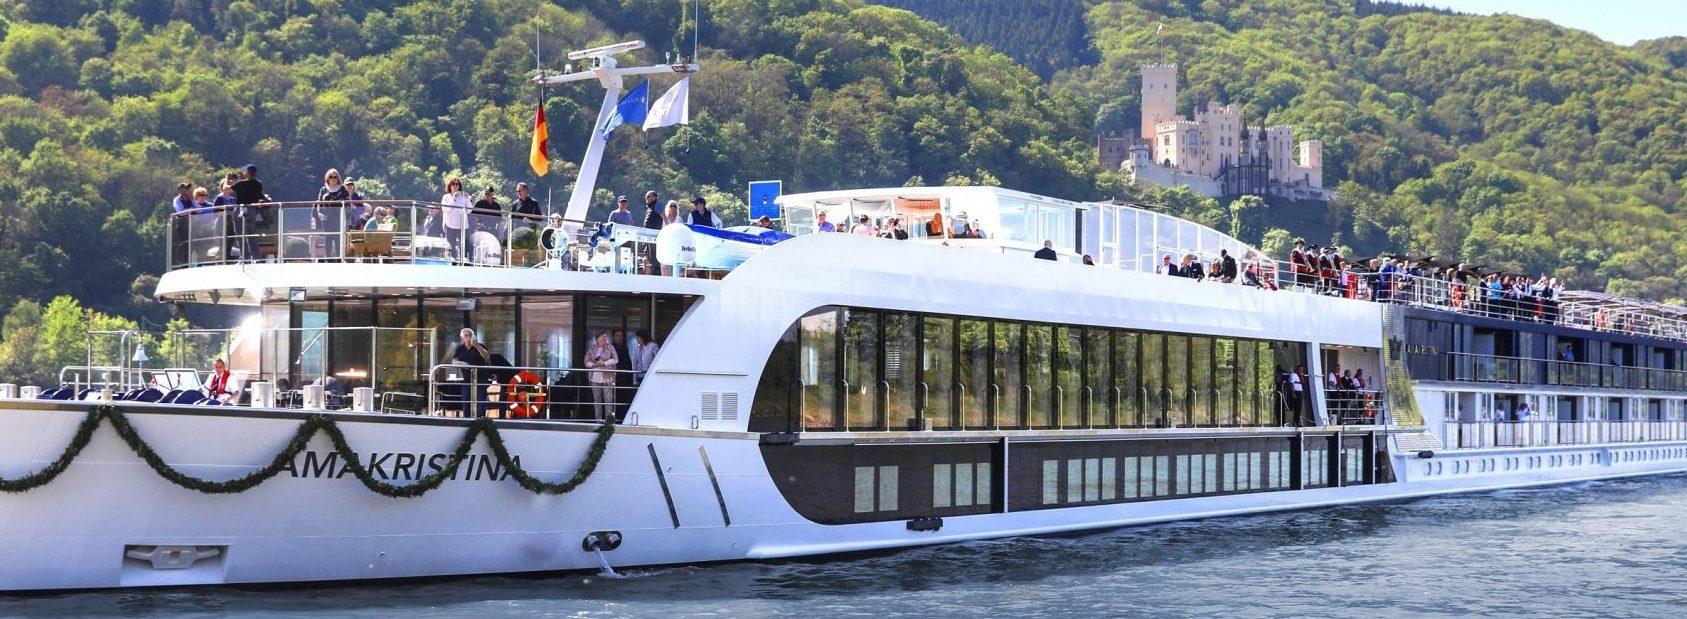 AmaWaterways Amakristina Ship